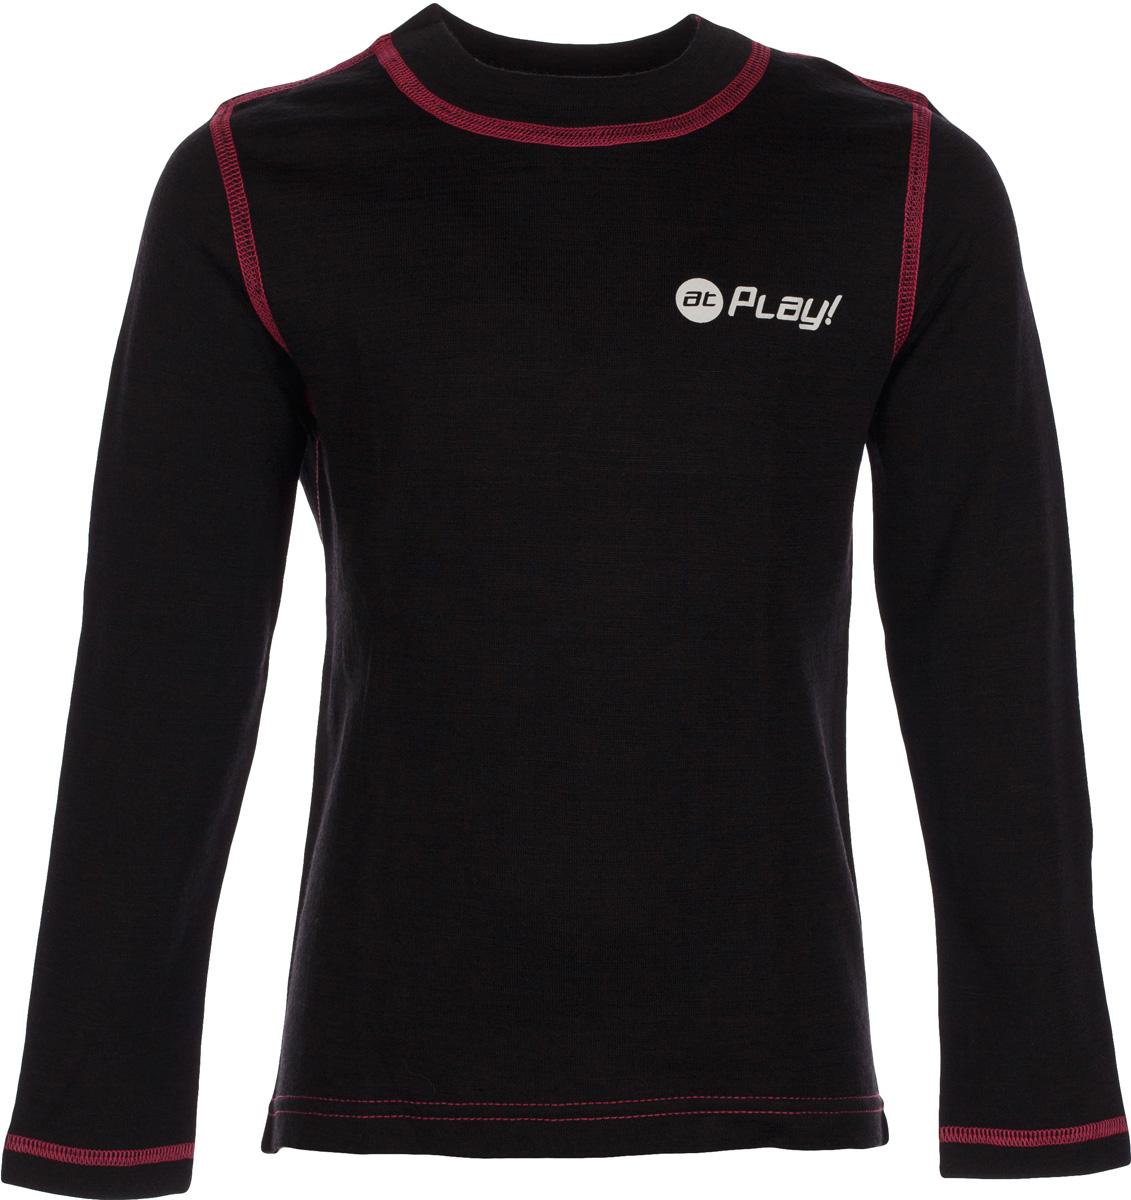 Футболка детская atPlay!, цвет: черный, розовый. 3tjk761. Размер 1403tjk761